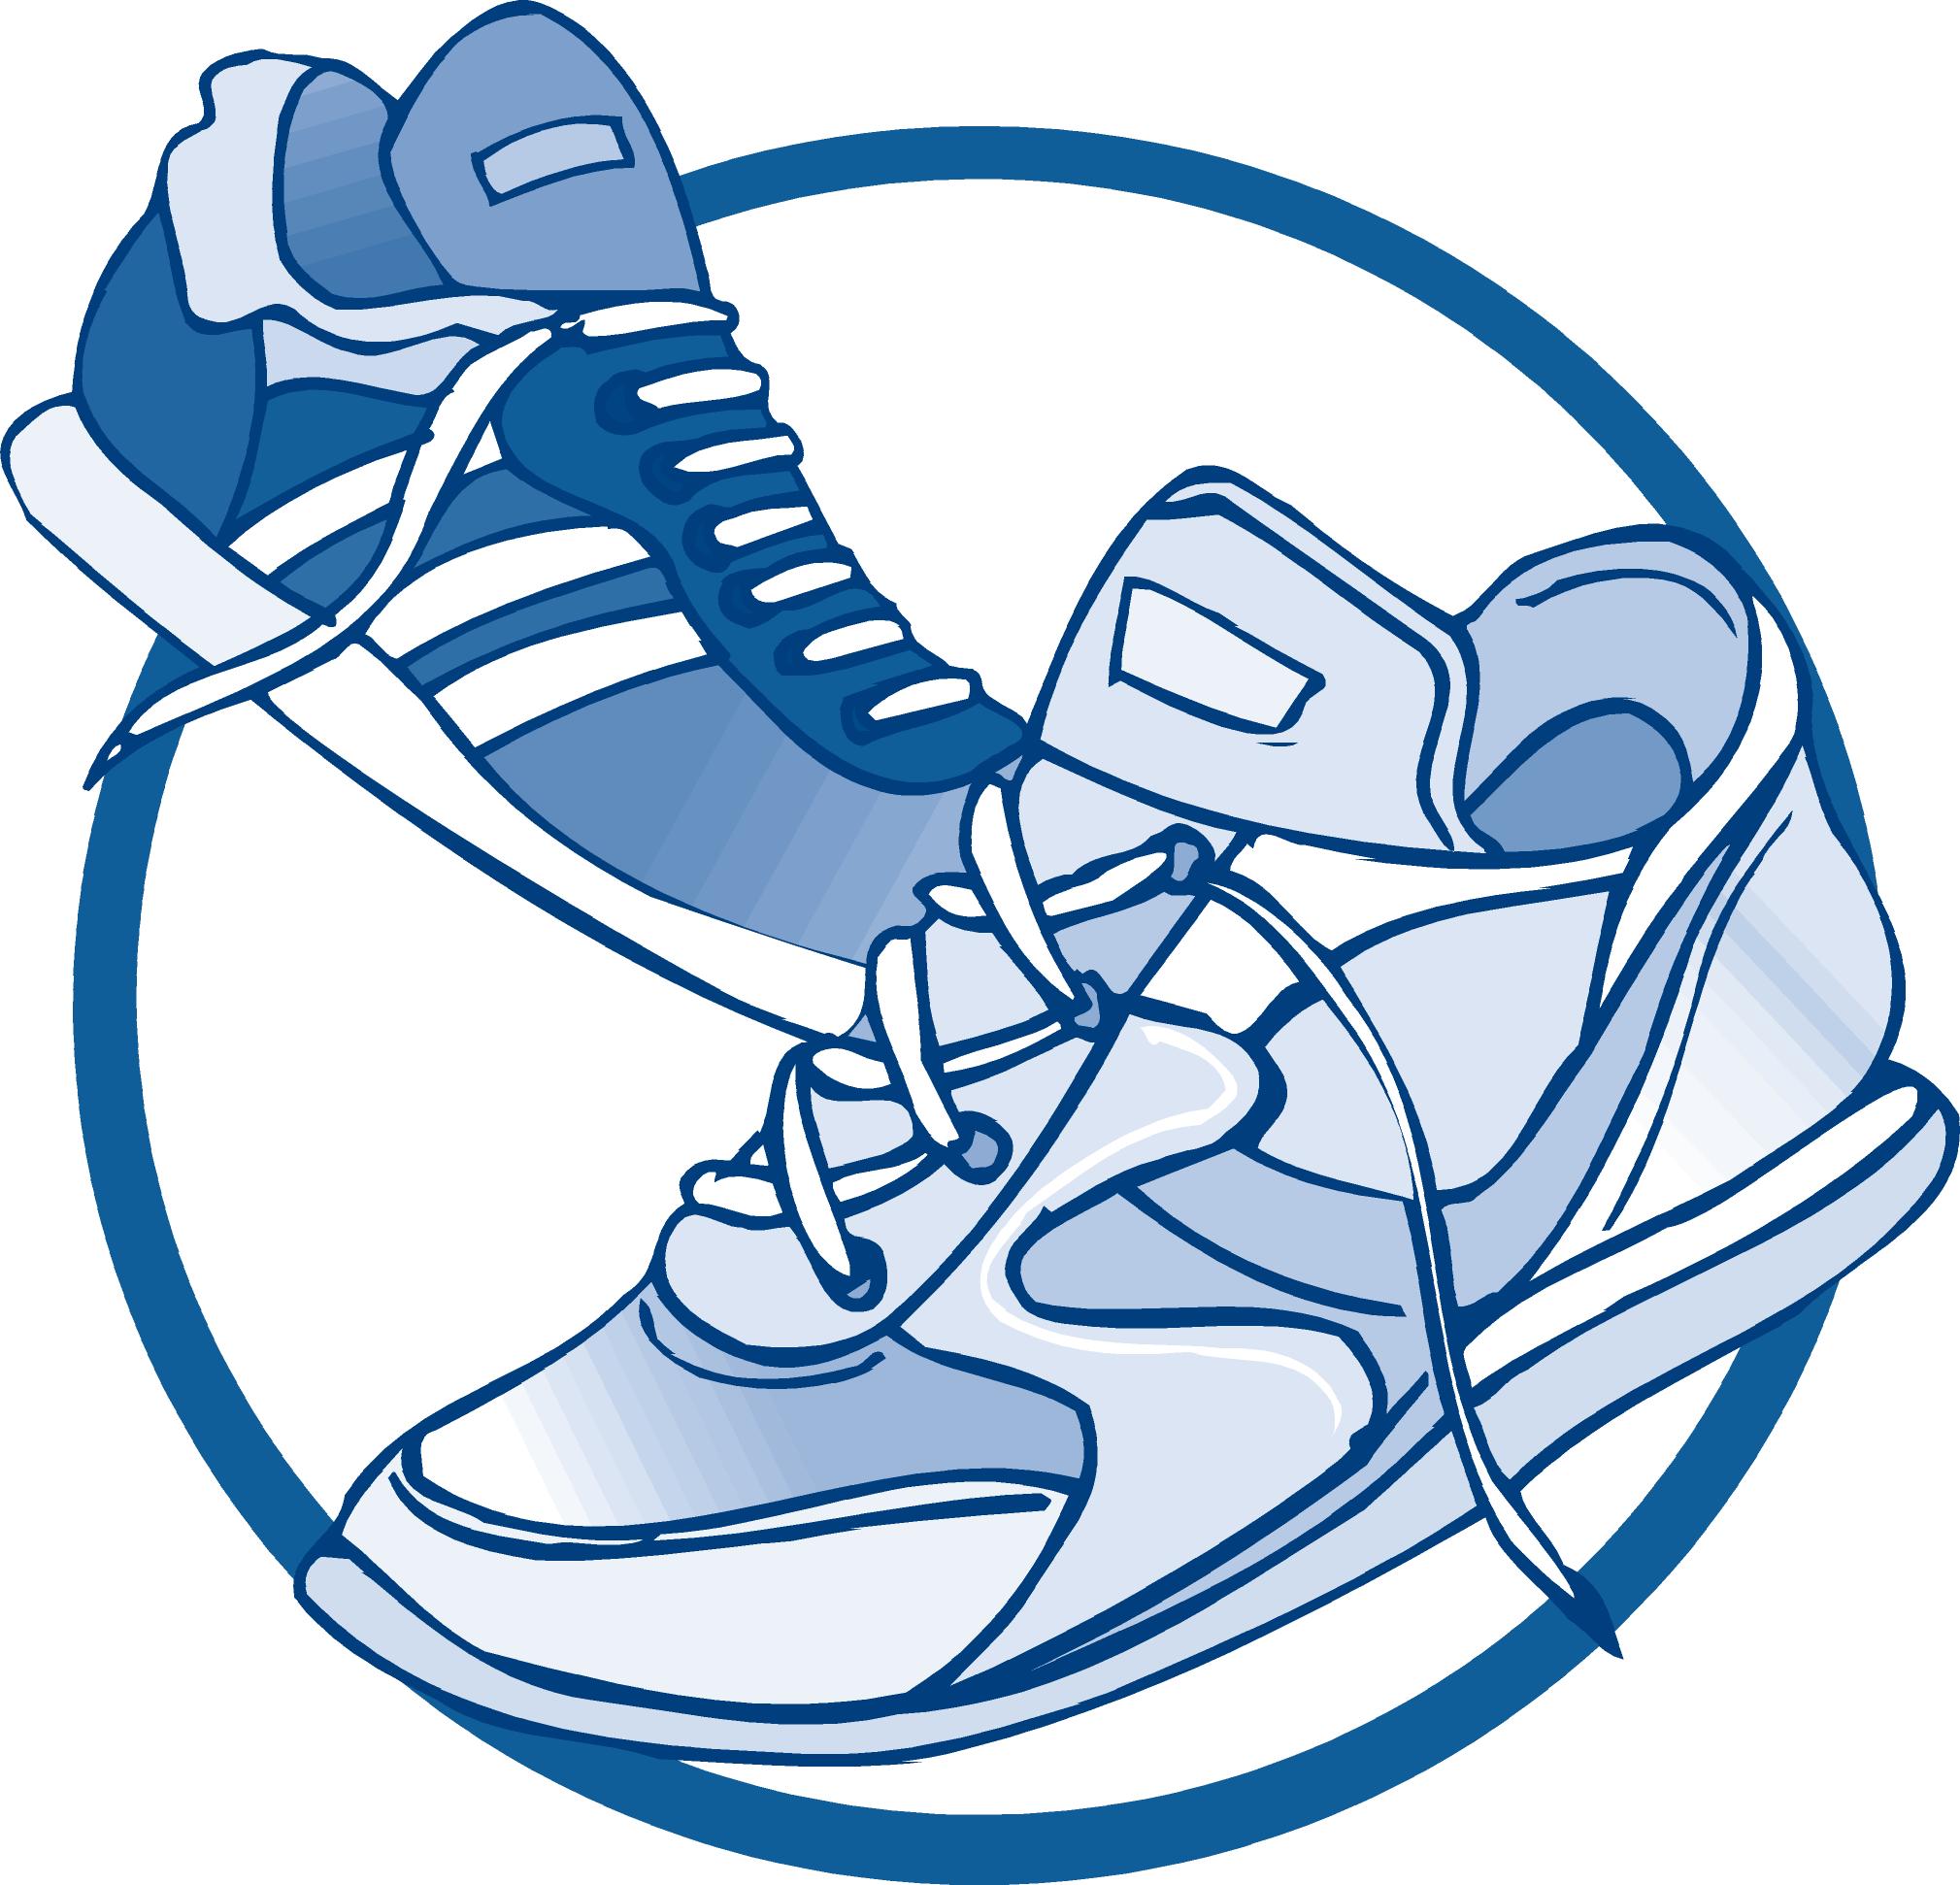 Shoe Clipart - ClipArt Best - 199.3KB